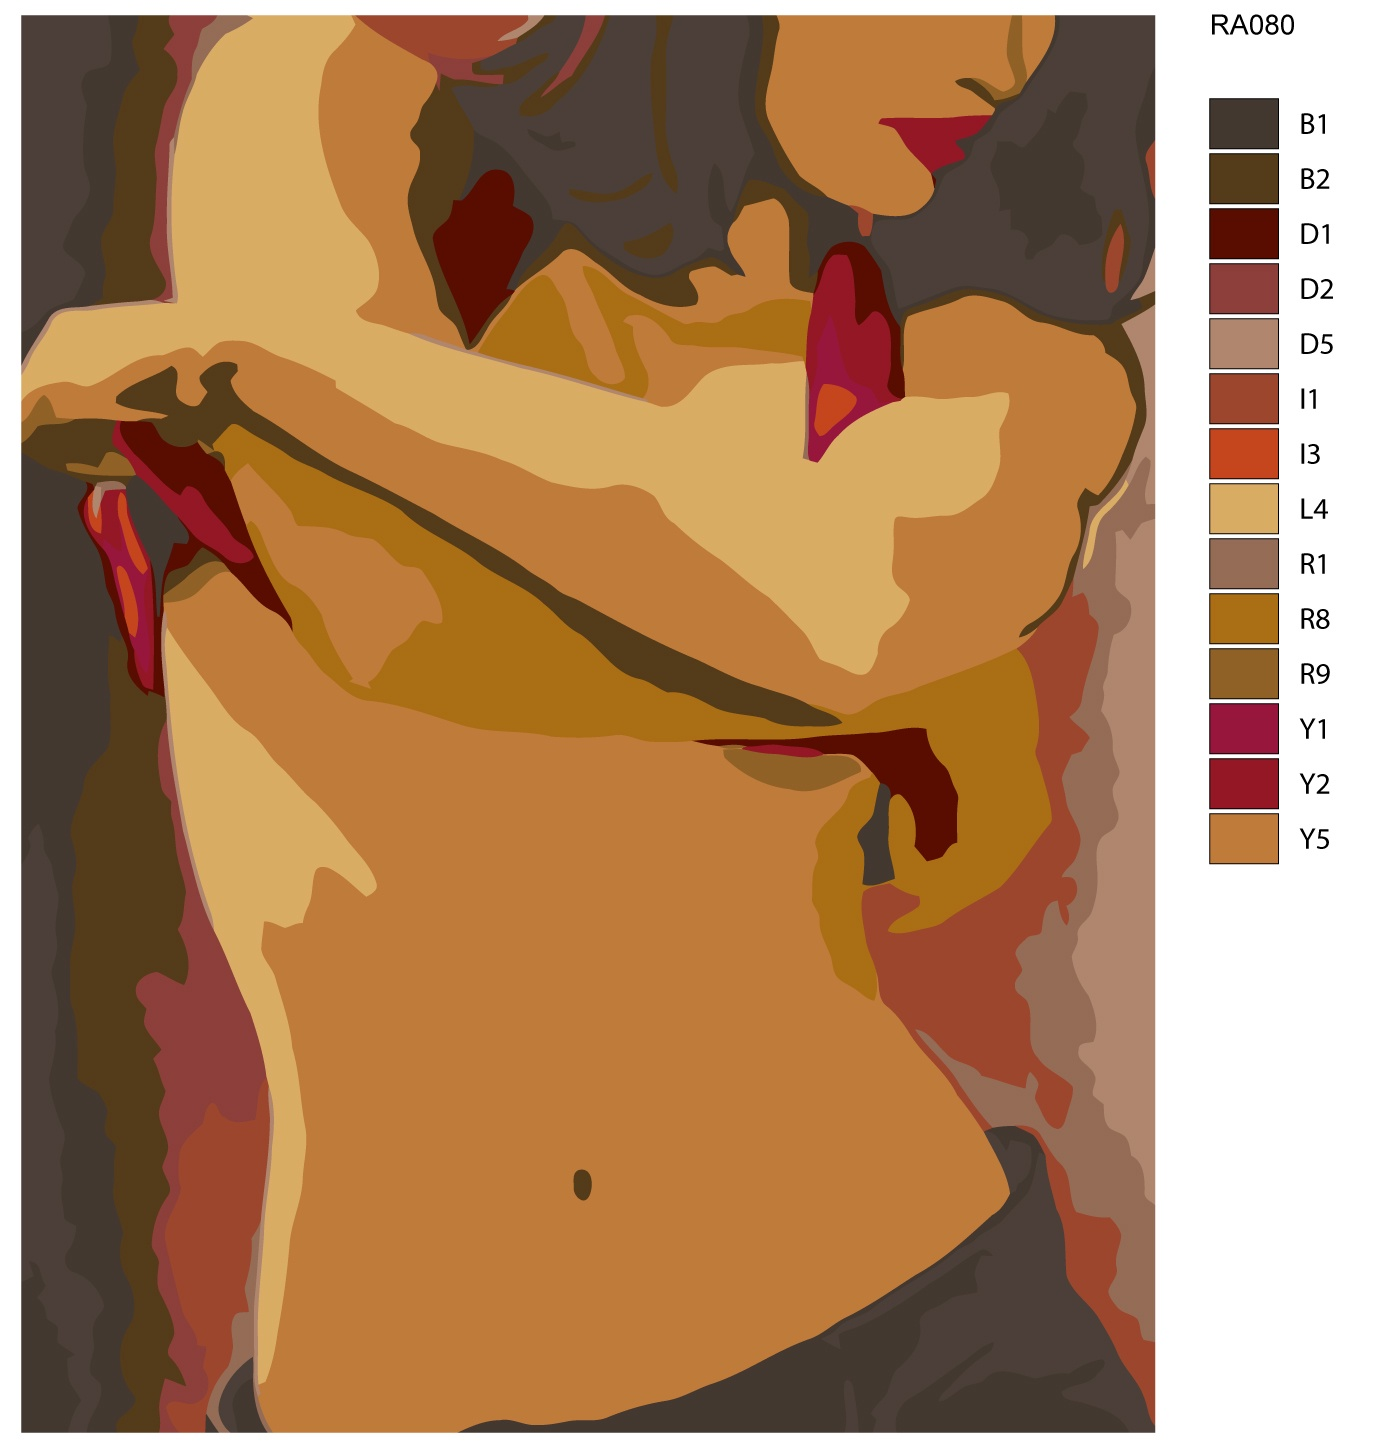 Картина по номерам, 80 x 100 см, RA080